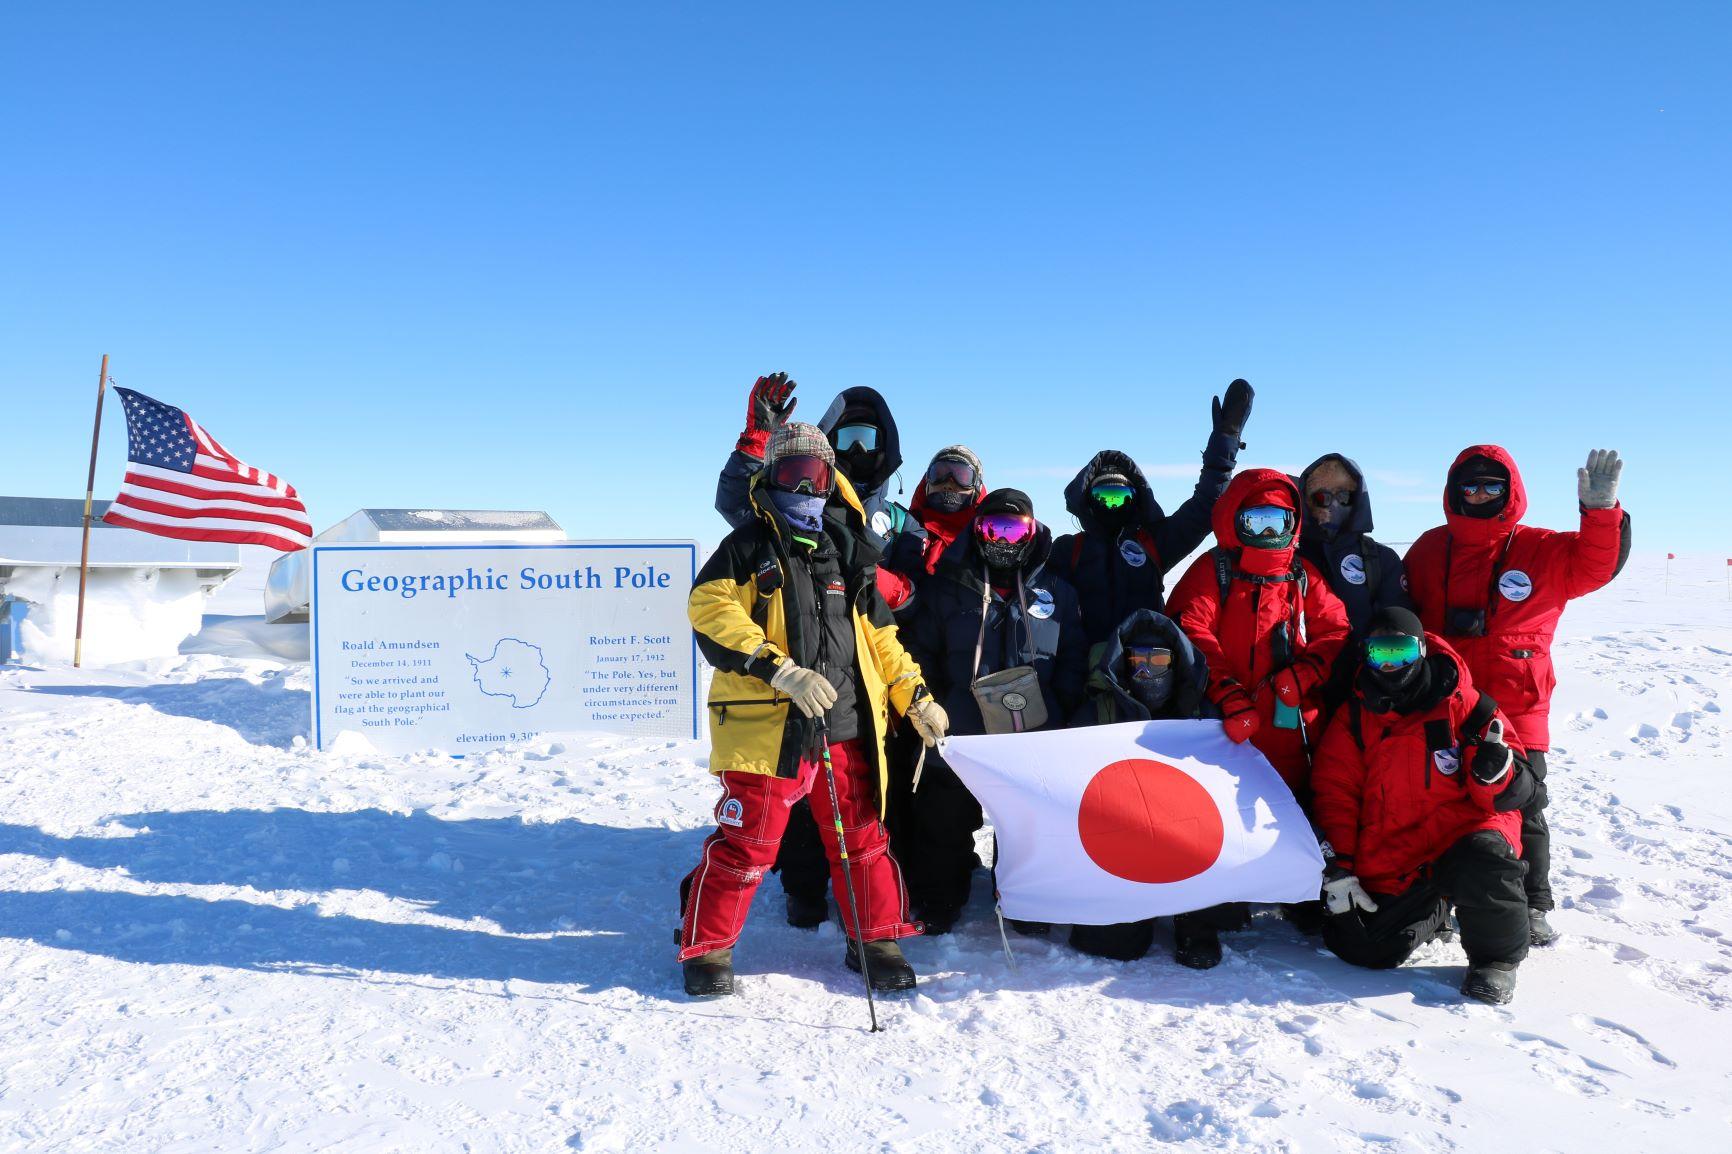 ジオグラフィック南極点で記念撮影